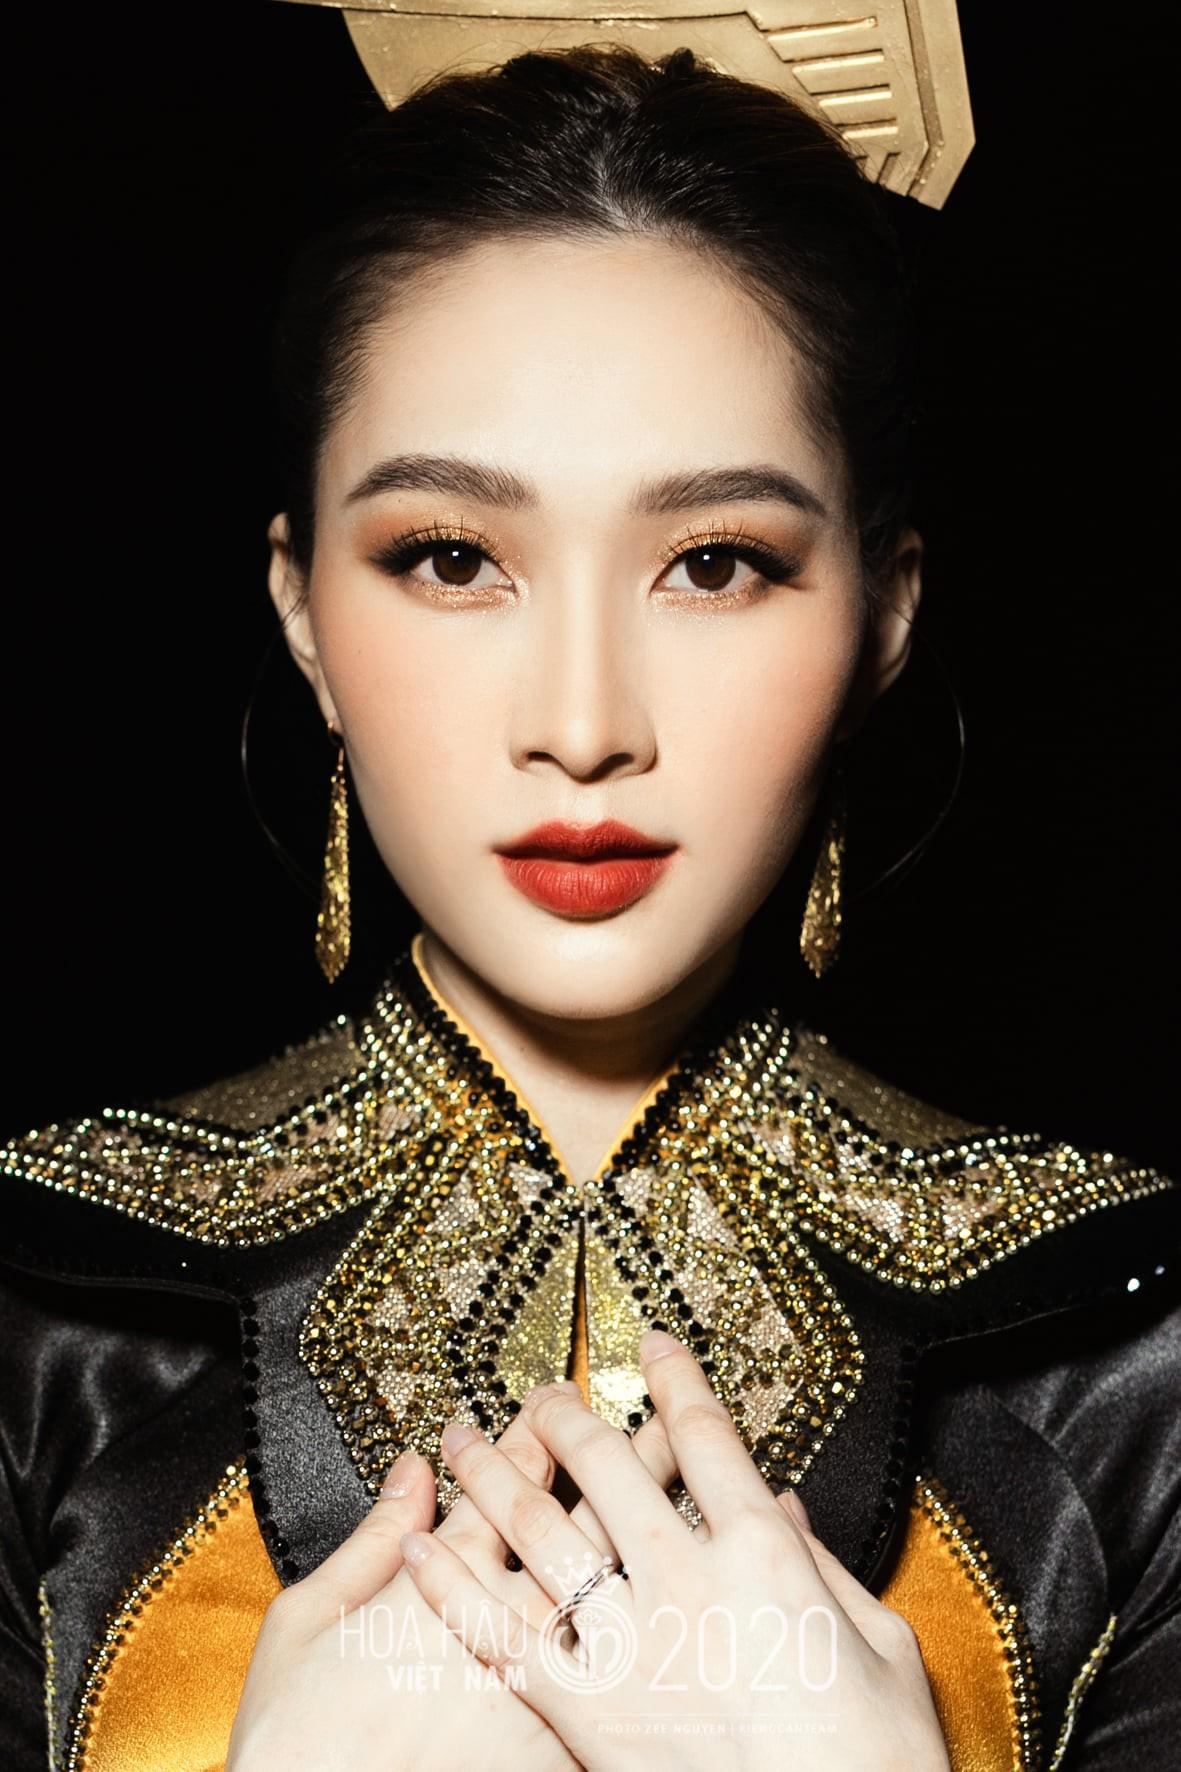 Sắc vóc Hoa hậu Đặng Thu Thảo sau 8 năm đăng quang, làm mẹ 2 con vẫn gây ngưỡng mộ ảnh 9